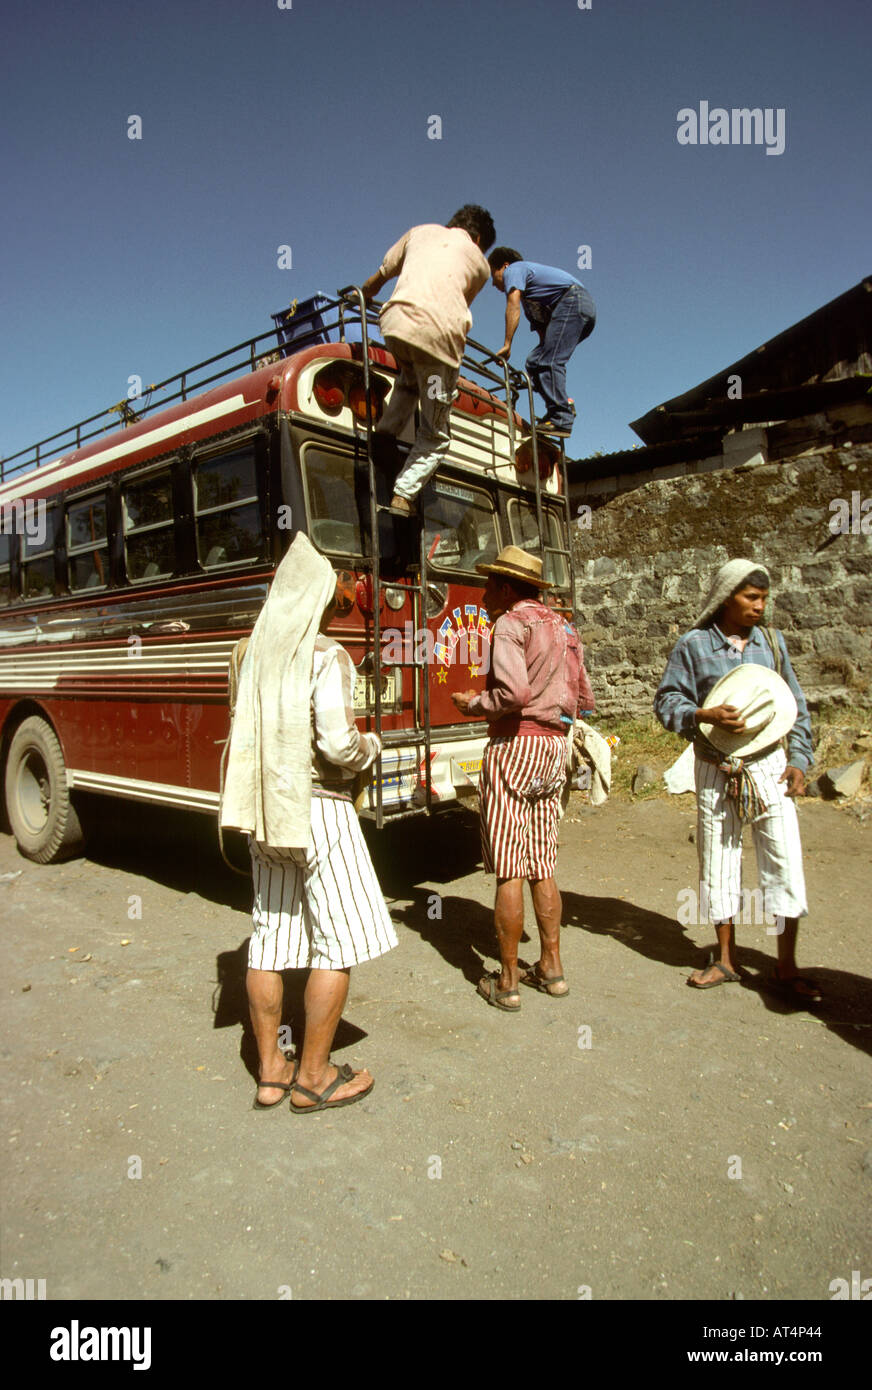 Guatemala Santiago Atitlan bus being loaded - Stock Image